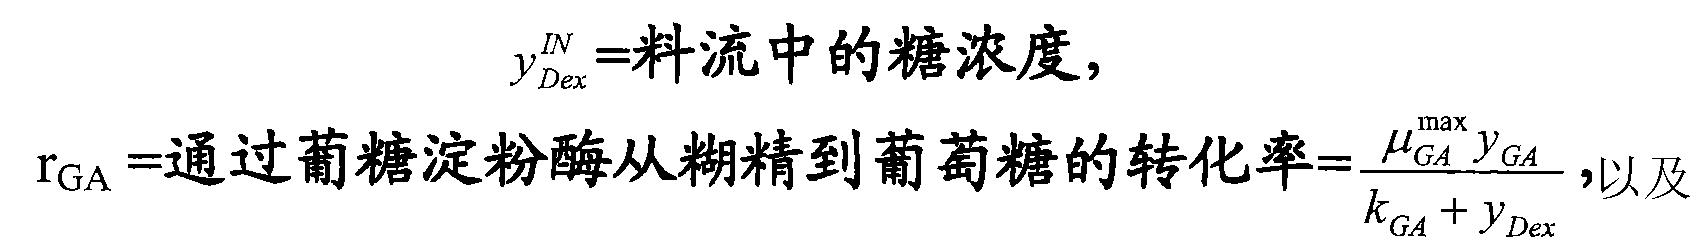 Figure CN101689045BD00151